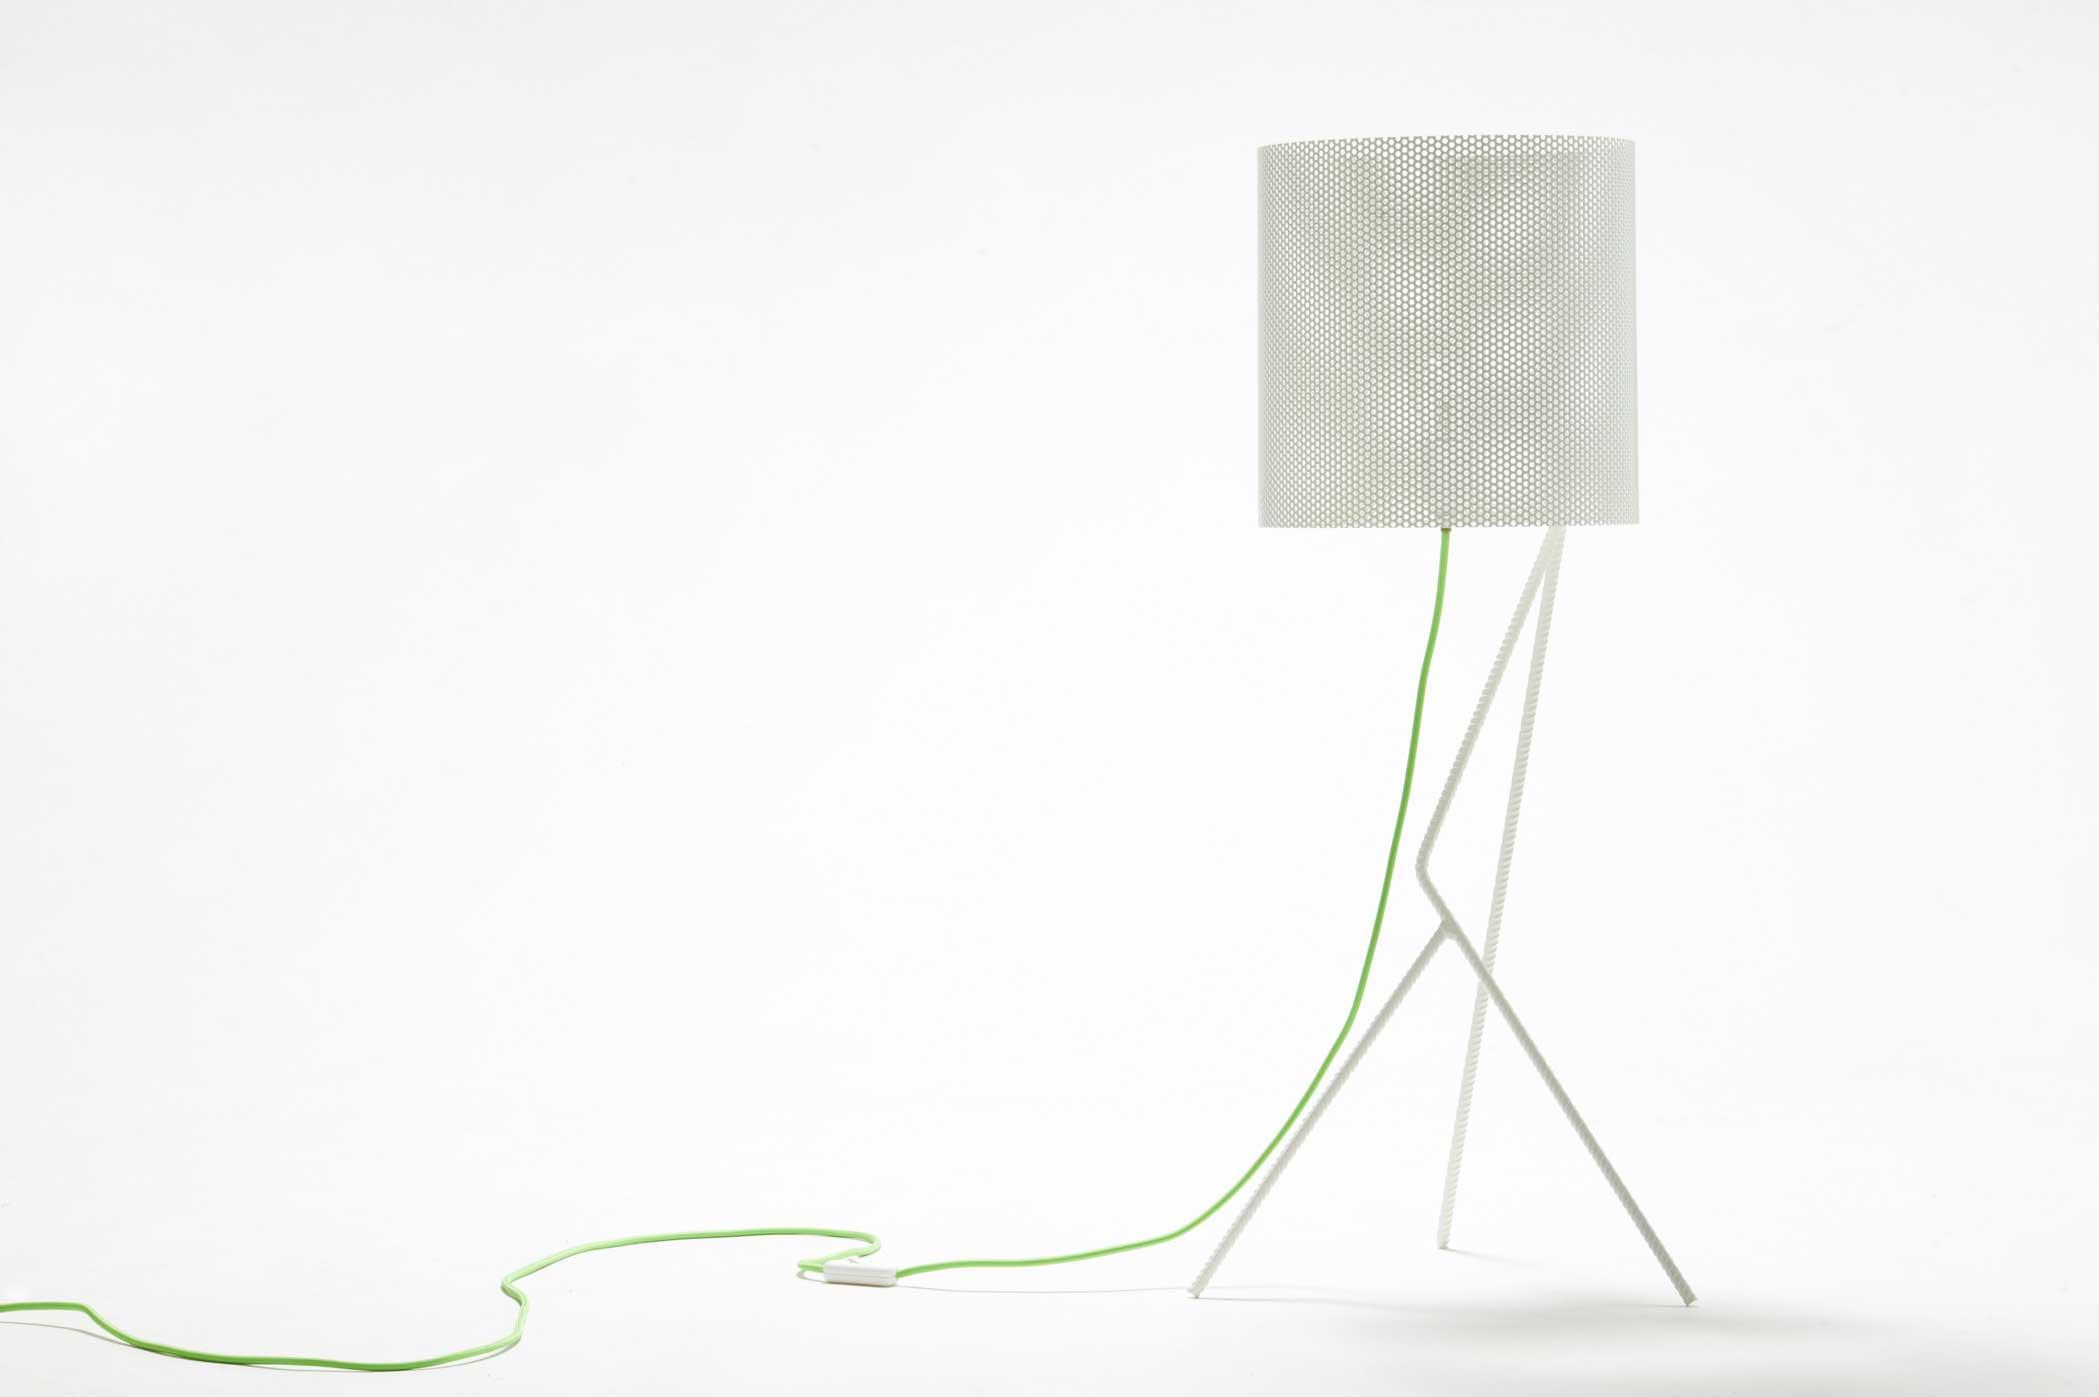 Lampada artigianale design in lamiera bianca